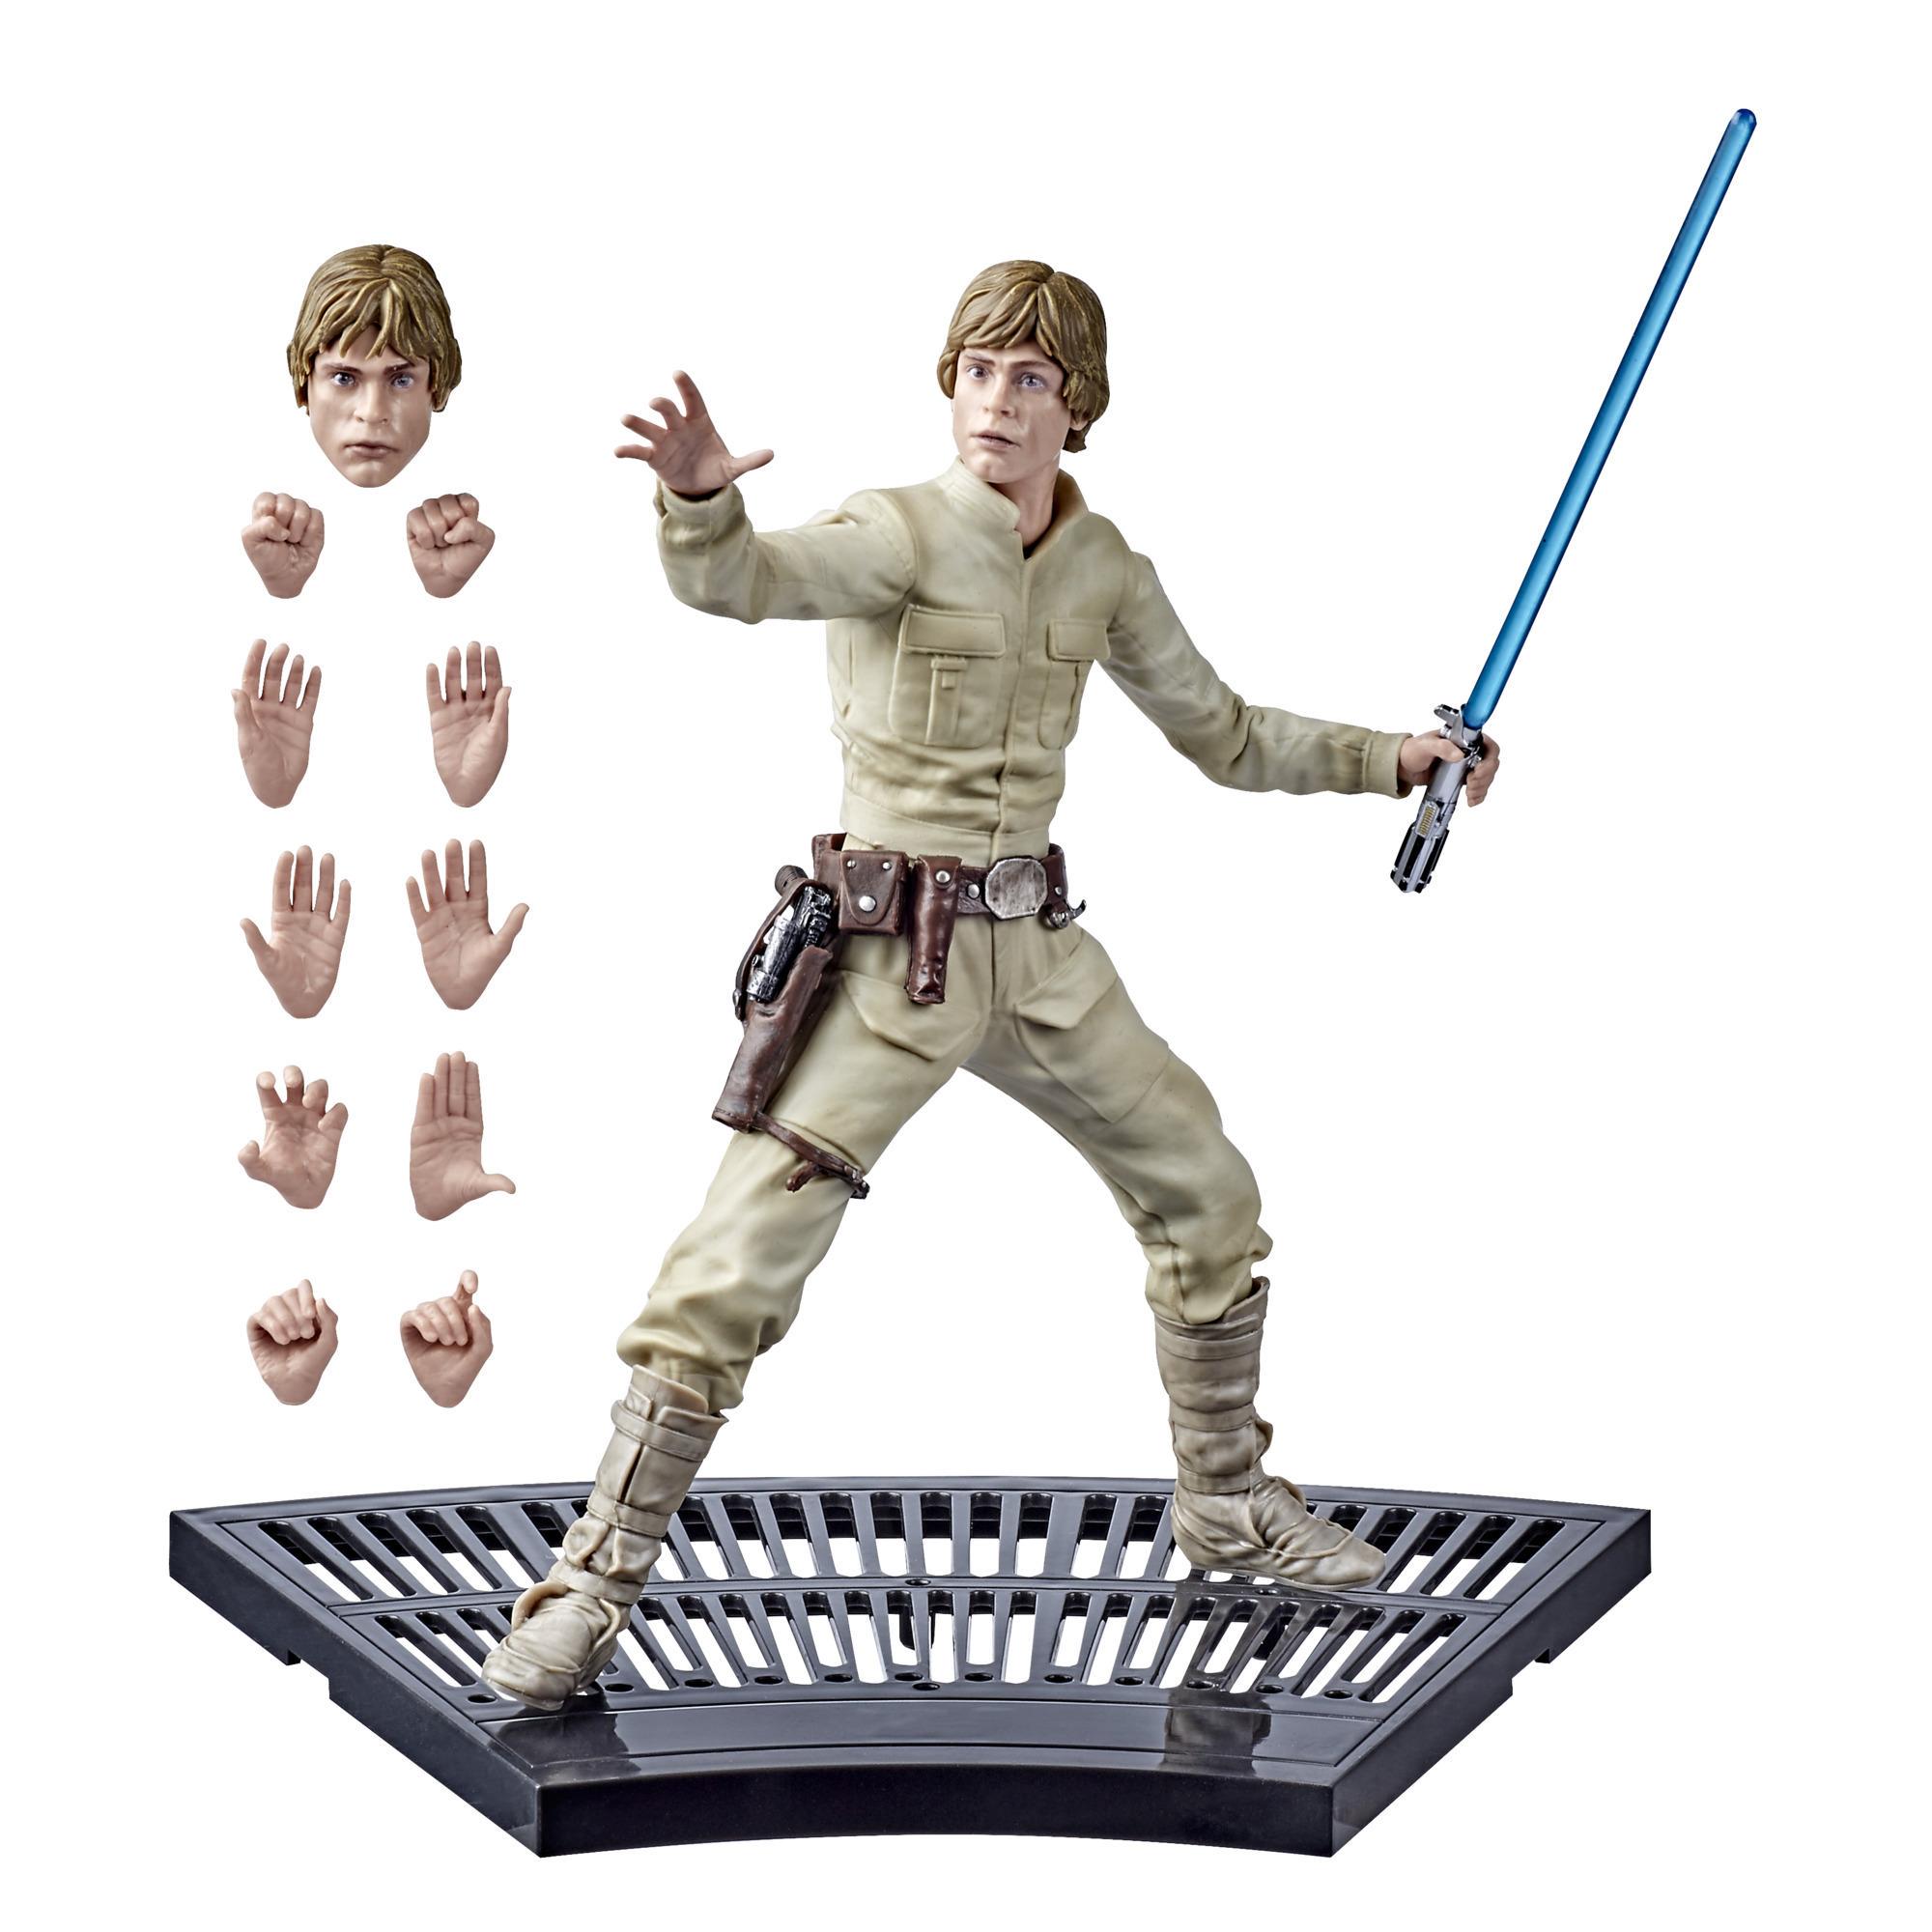 Star Wars The Black Series Star Wars: Das Imperium schlägt zurück Luke Skywalker Figur, 20 cm große Action-Figur